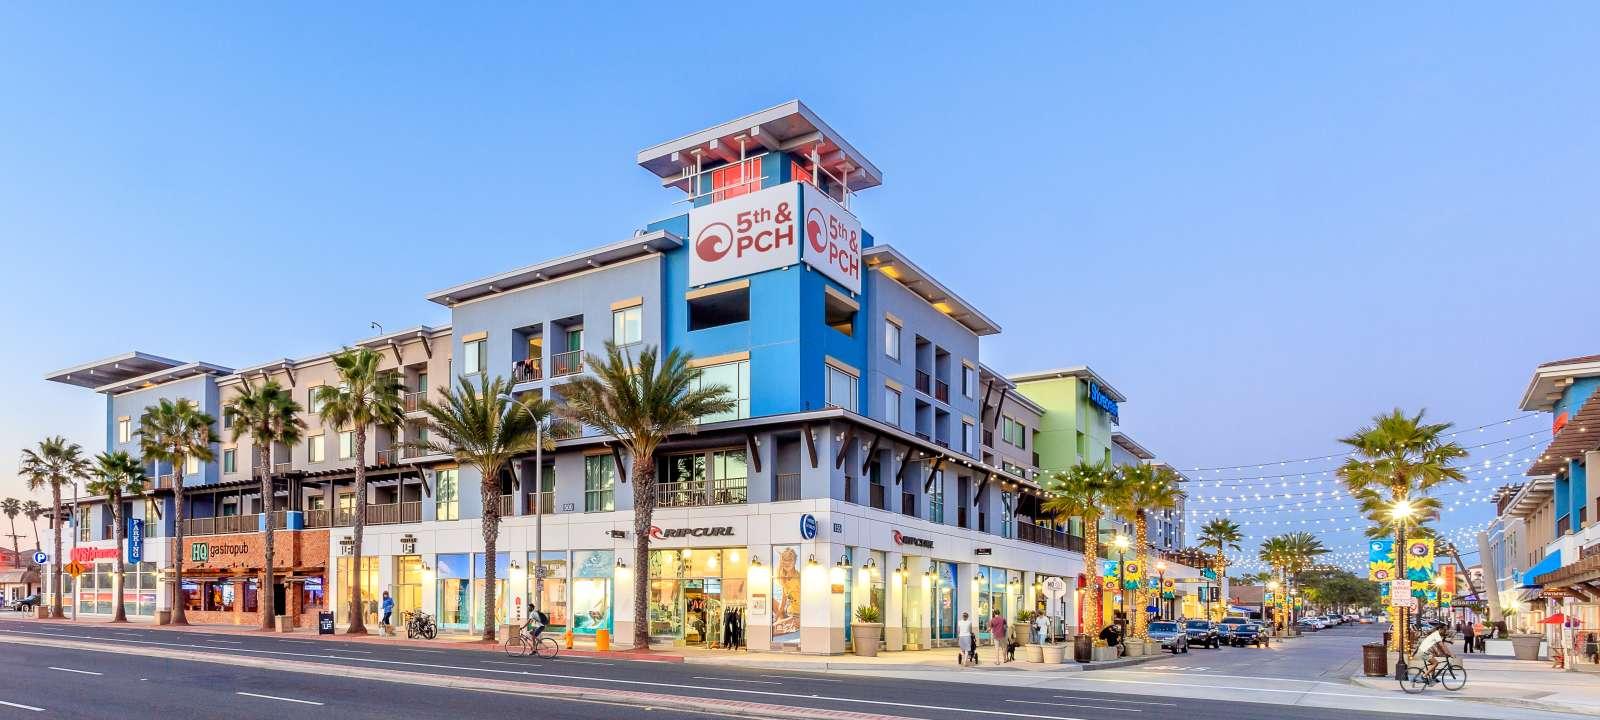 591ab20878c Huntington Beach Shopping Centers | 5th & PCH, Pacific City, Bella Terra